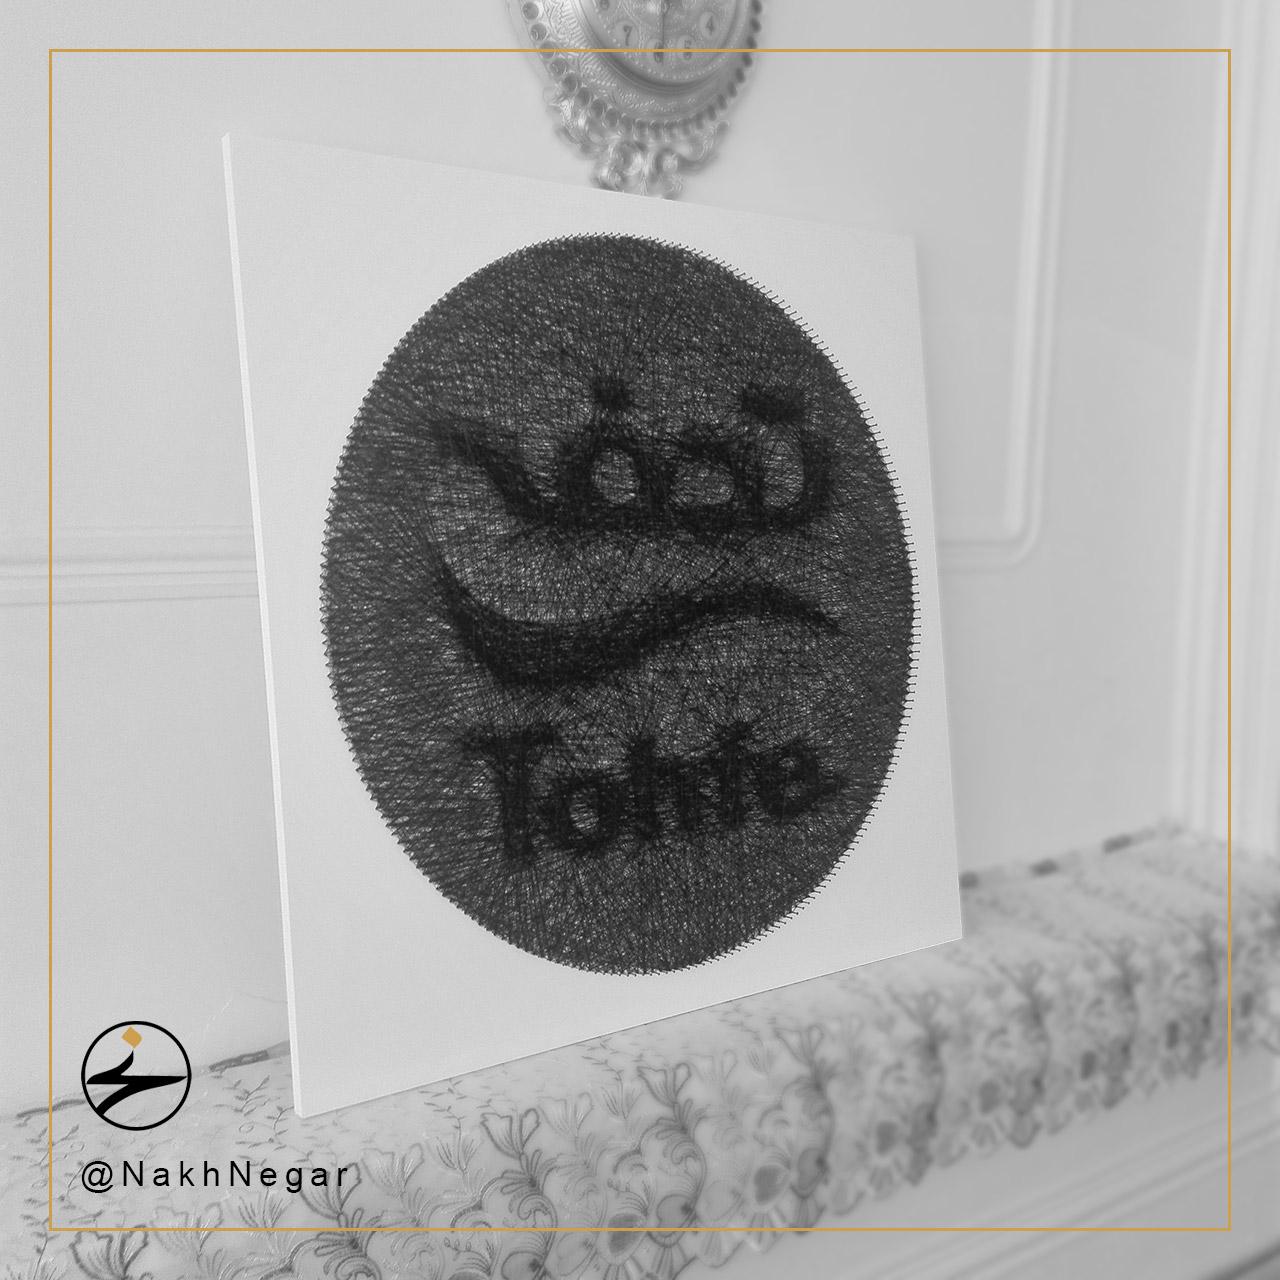 نخ نگار - تابلونخ دکوری لوگو گروه توسعه صنایع تحفه